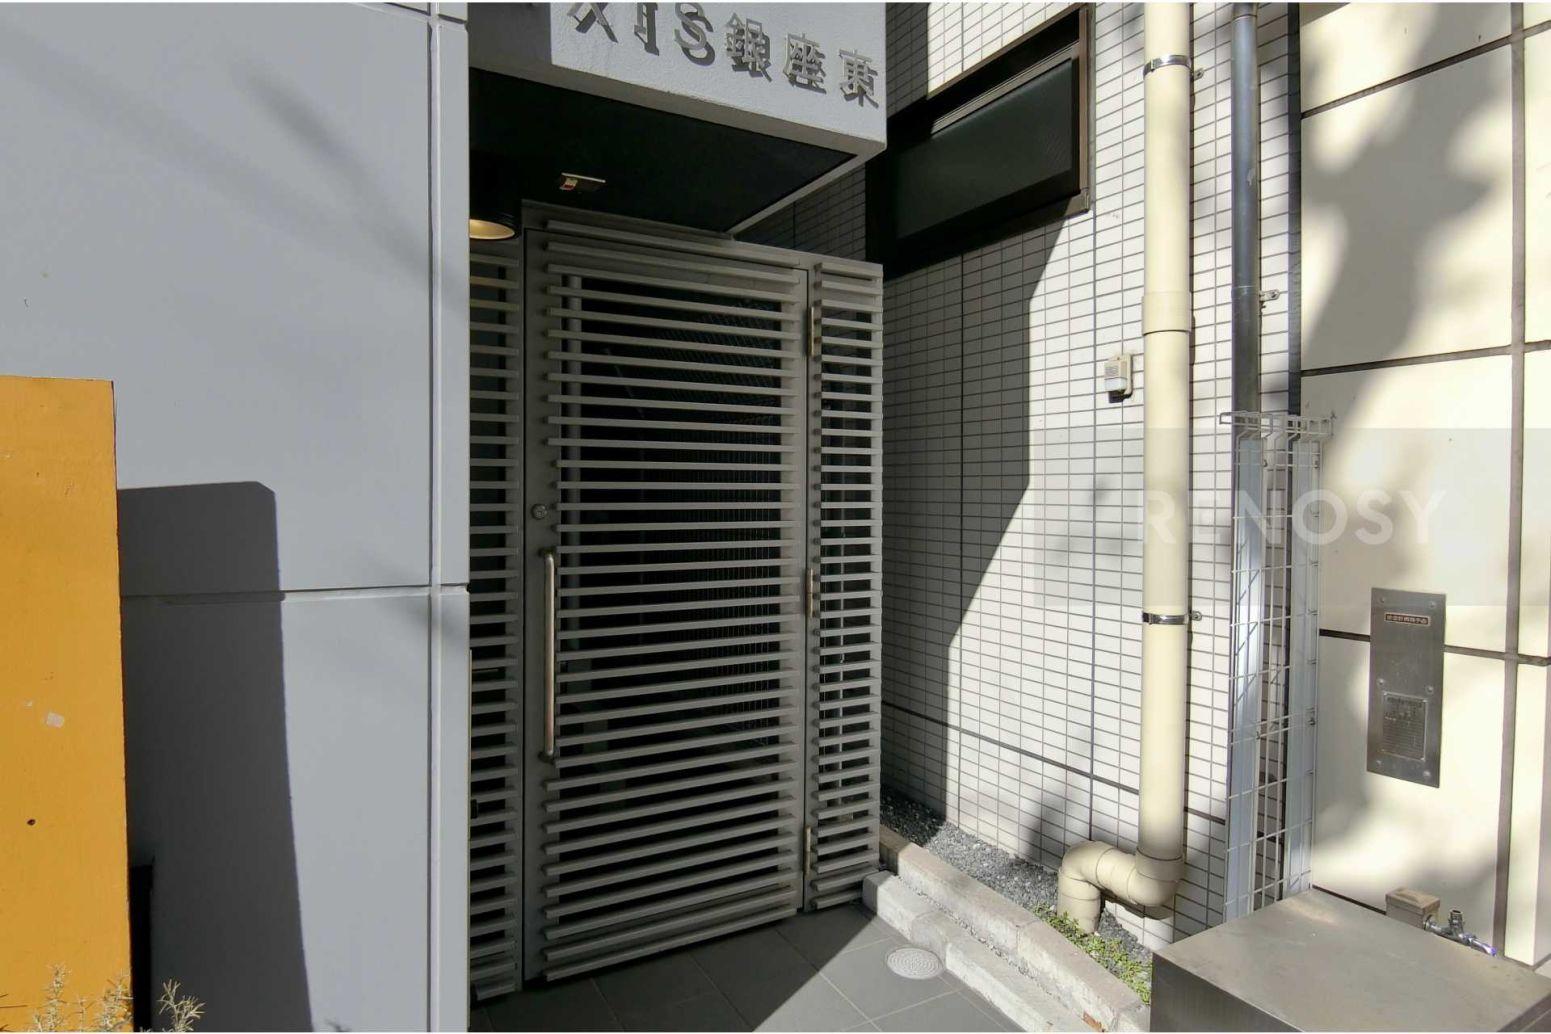 AXIS銀座東